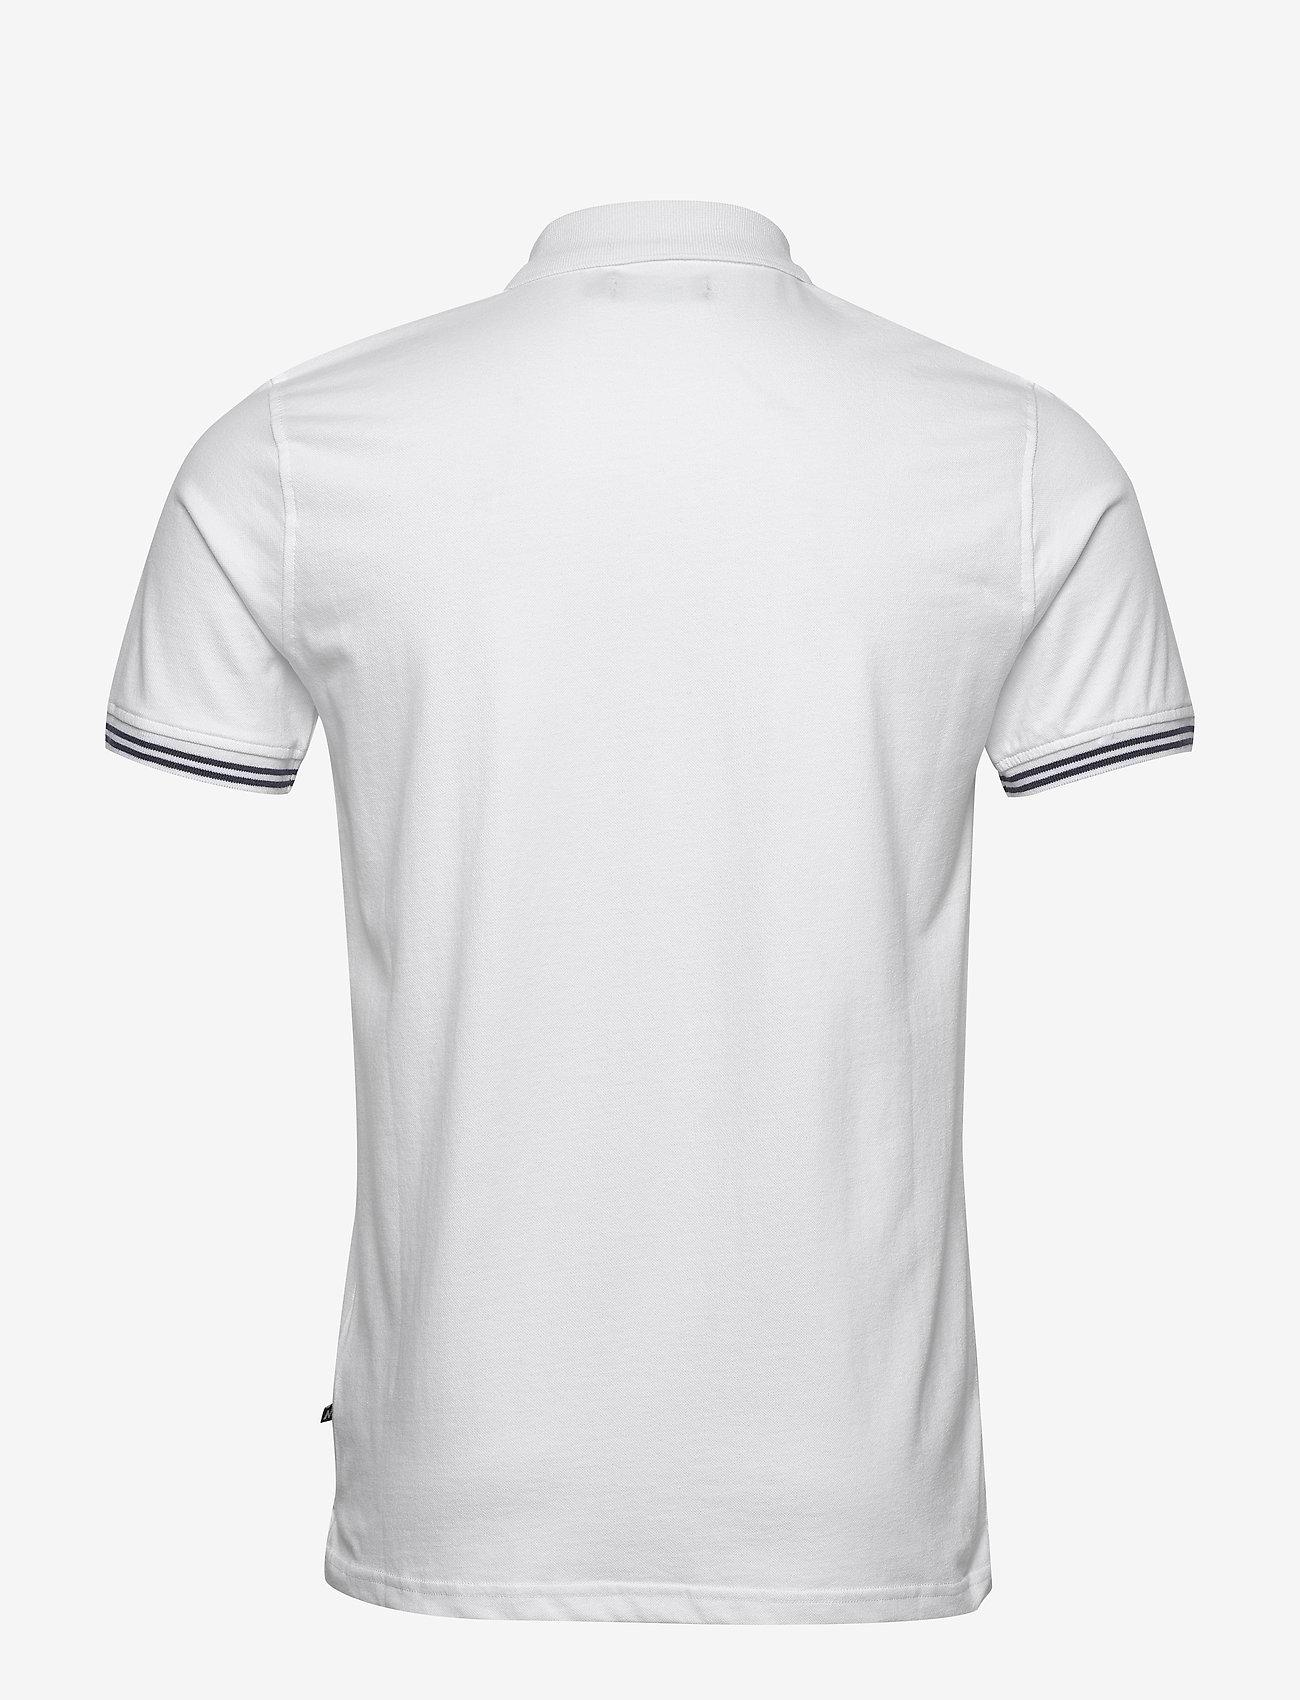 Matinique MApoleo DS - Poloskjorter WHITE - Menn Klær